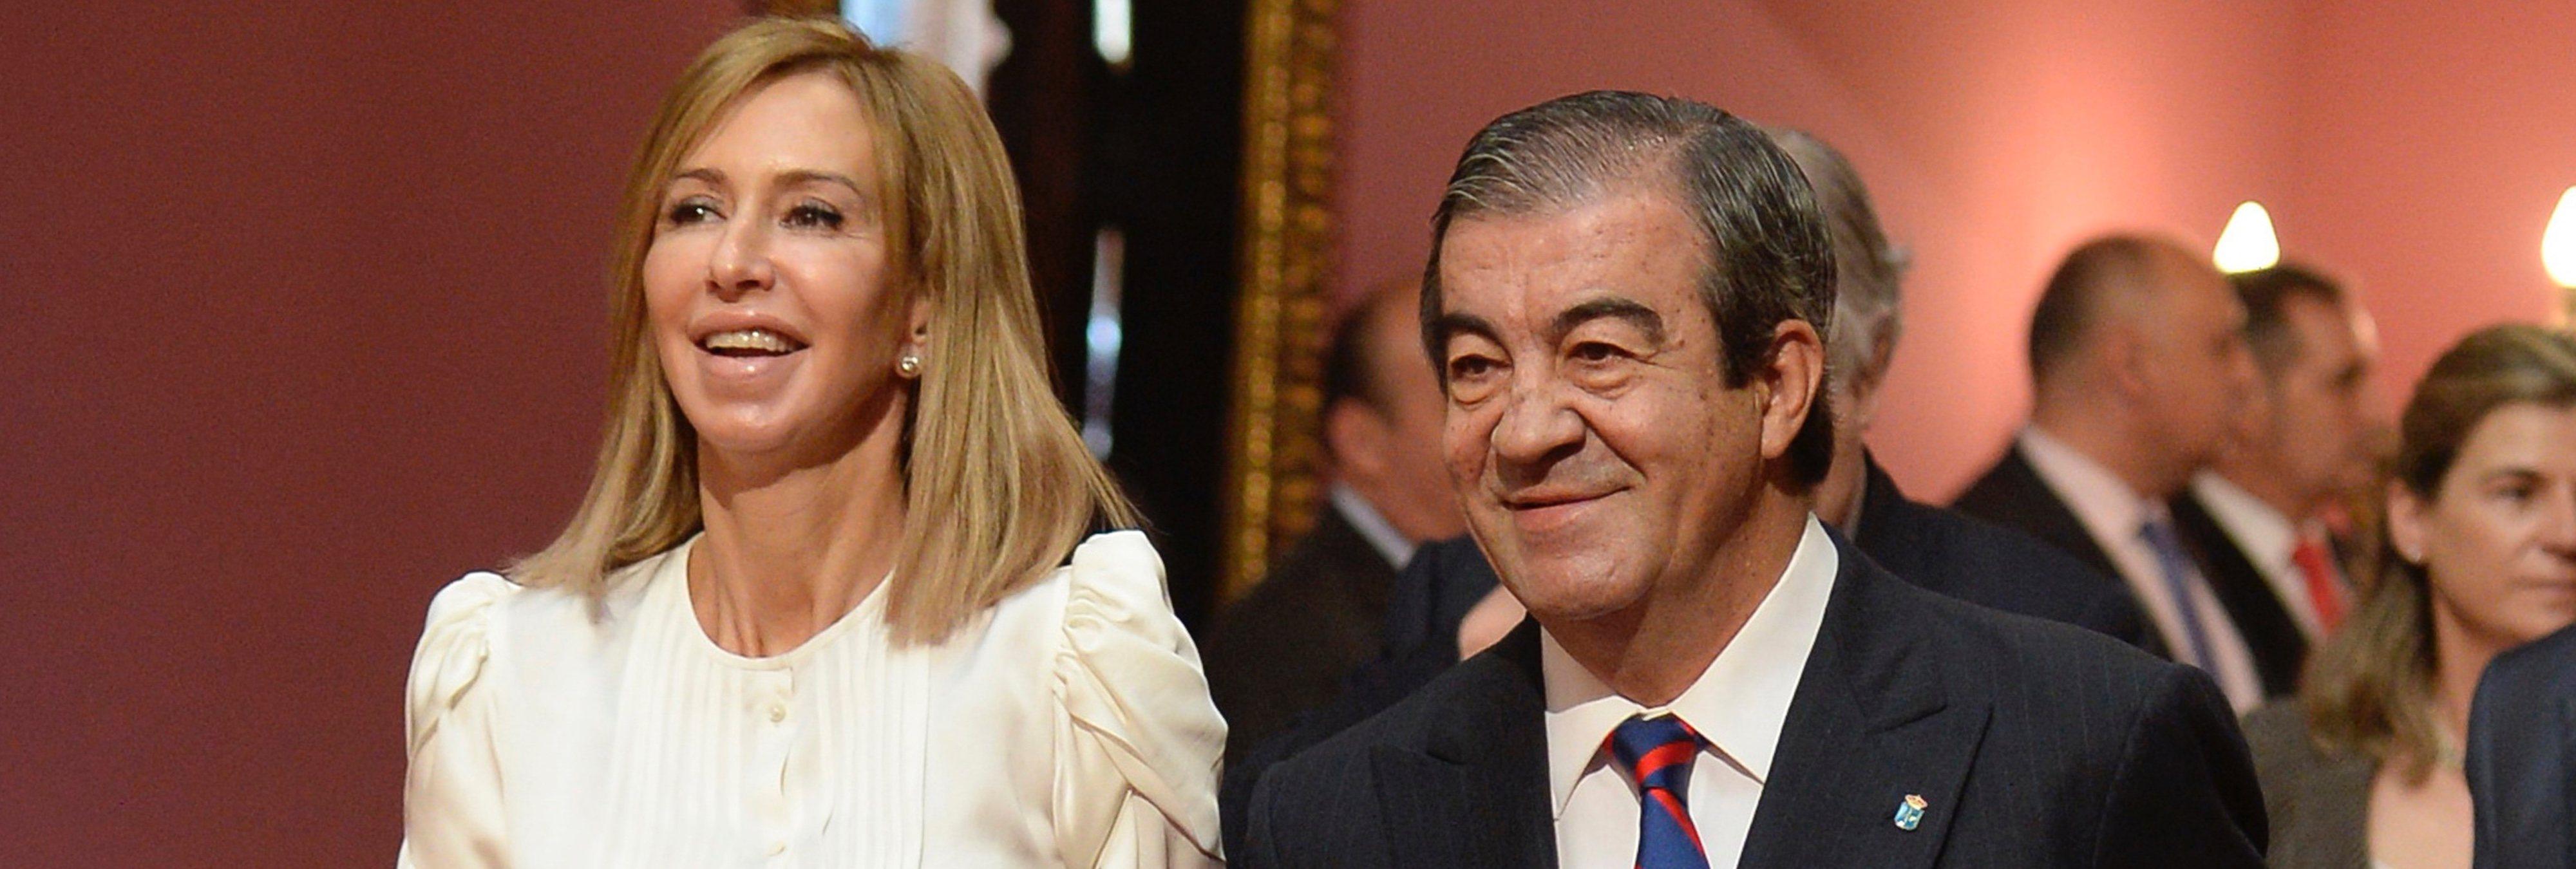 El exministro del PP Álvarez Cascos, que quiso prohibir el divorcio, se separa por 3ª vez